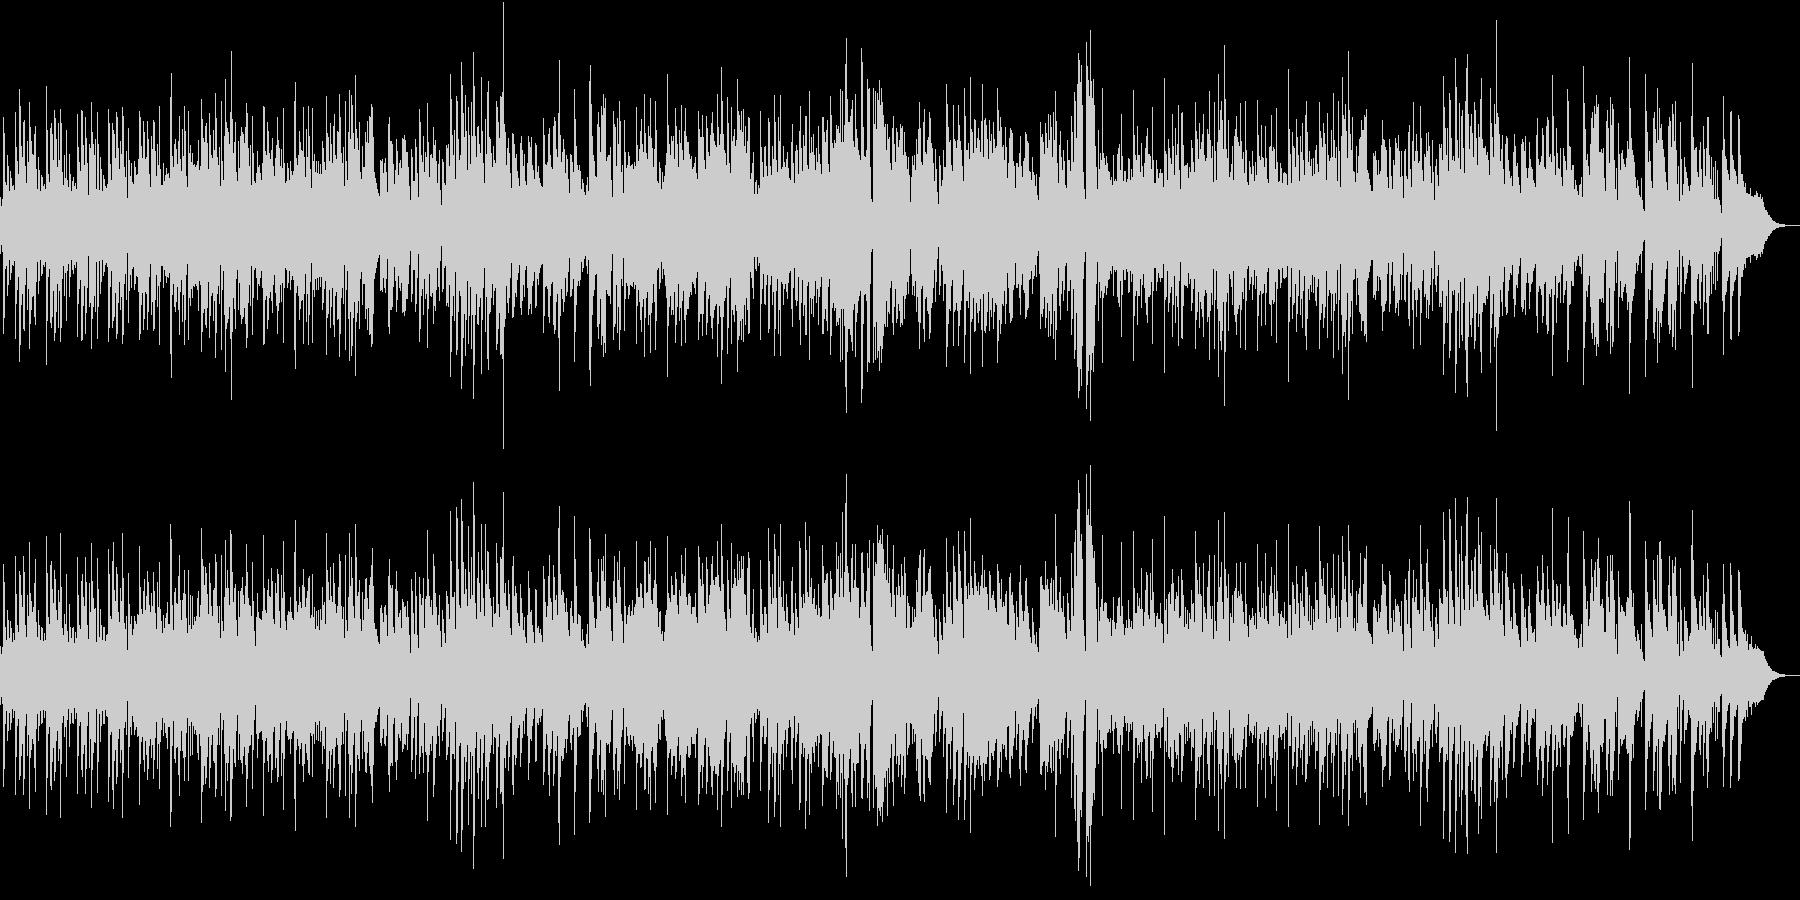 ハードなジャズピアノトリオの未再生の波形